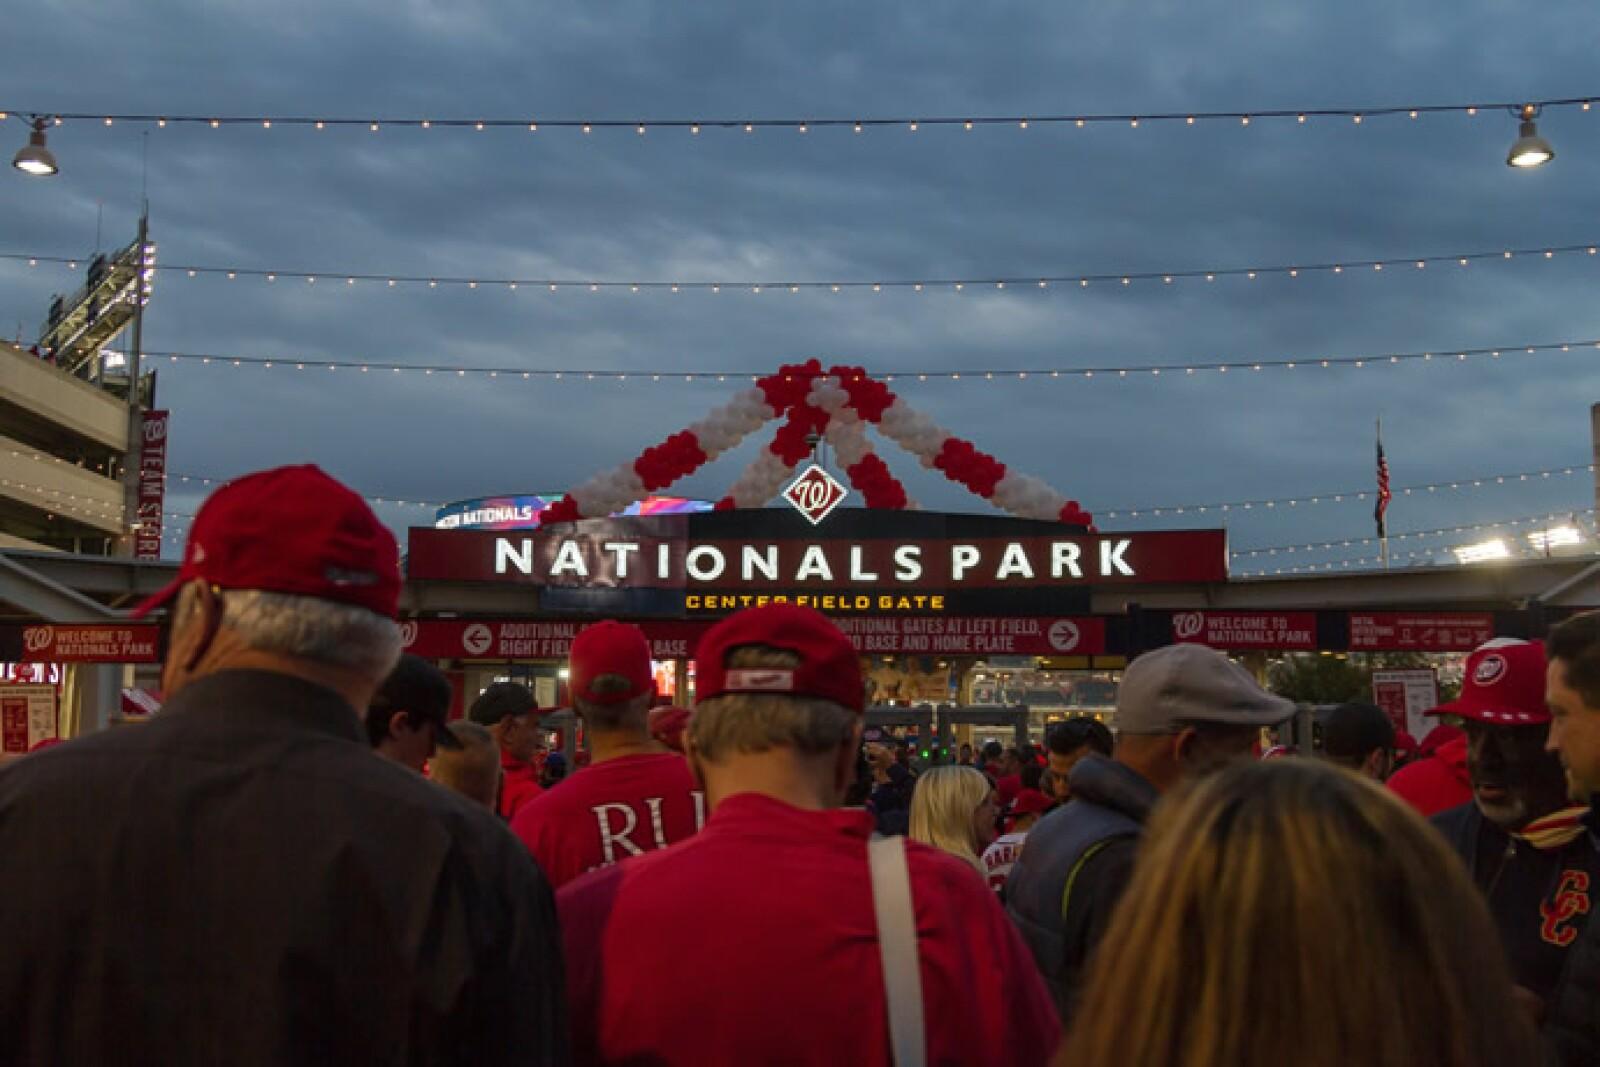 Uno de los momentos más emotivos fue cuando llegamos al estadio, el ambiente no podía ser mejor.